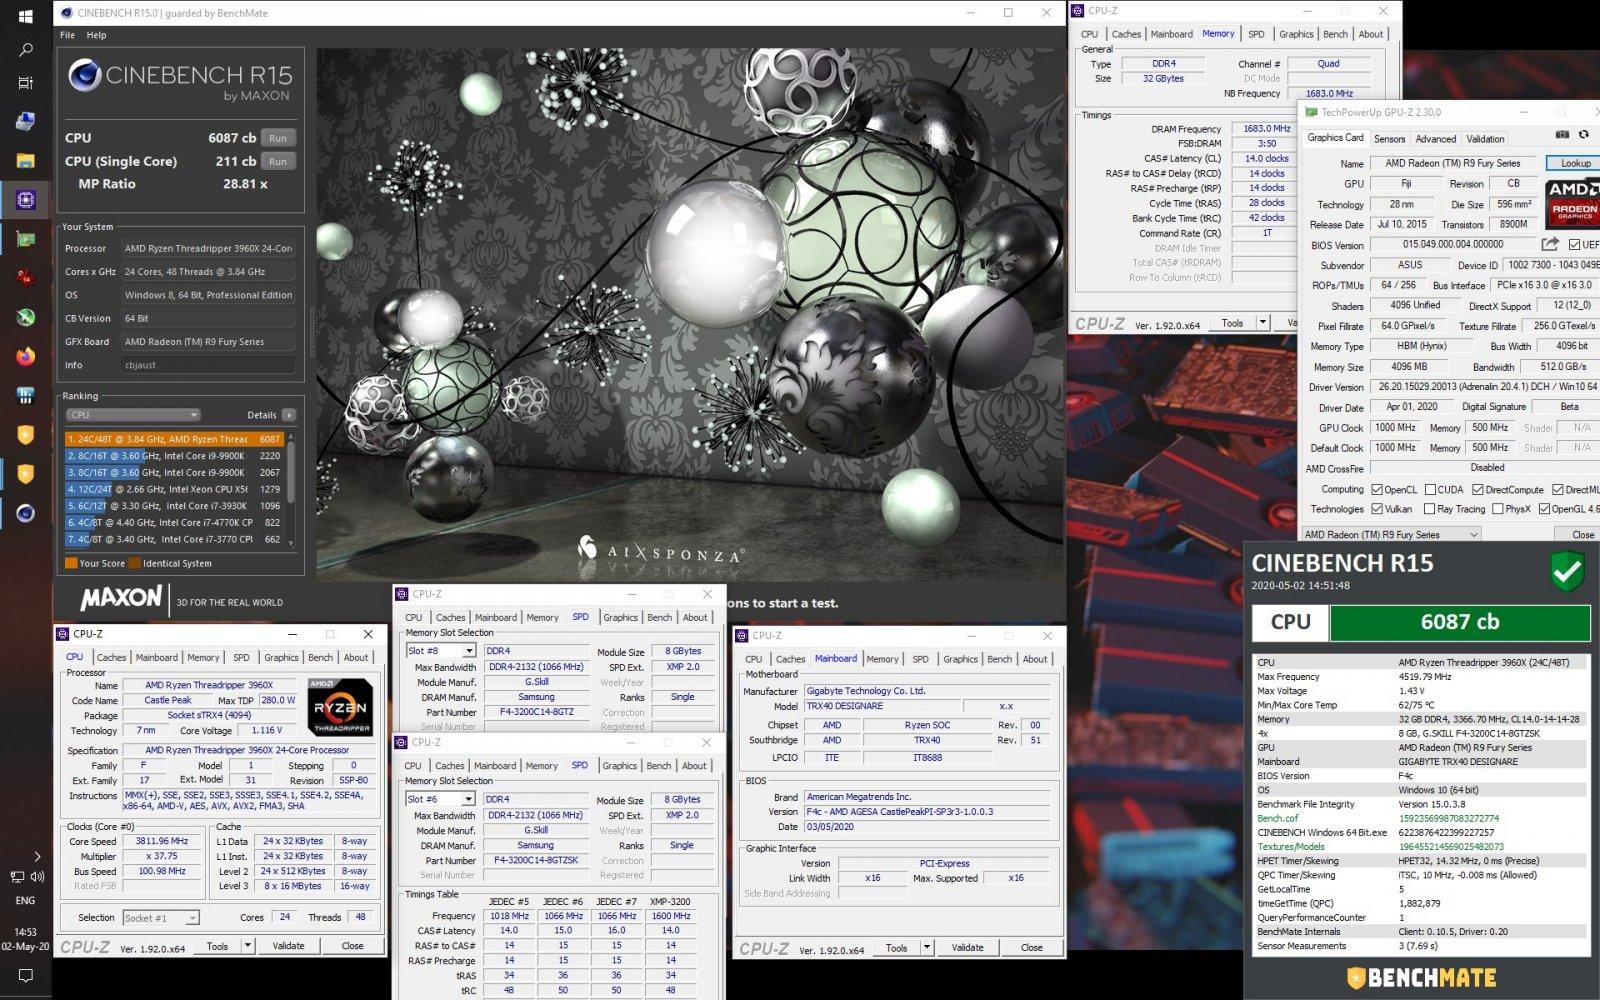 Ryzen TR 3960X 100-000000010 CINEBENCH R15 6087cb at 4520-1683 & 1000-5000 Radeon R9 Fury.jpg